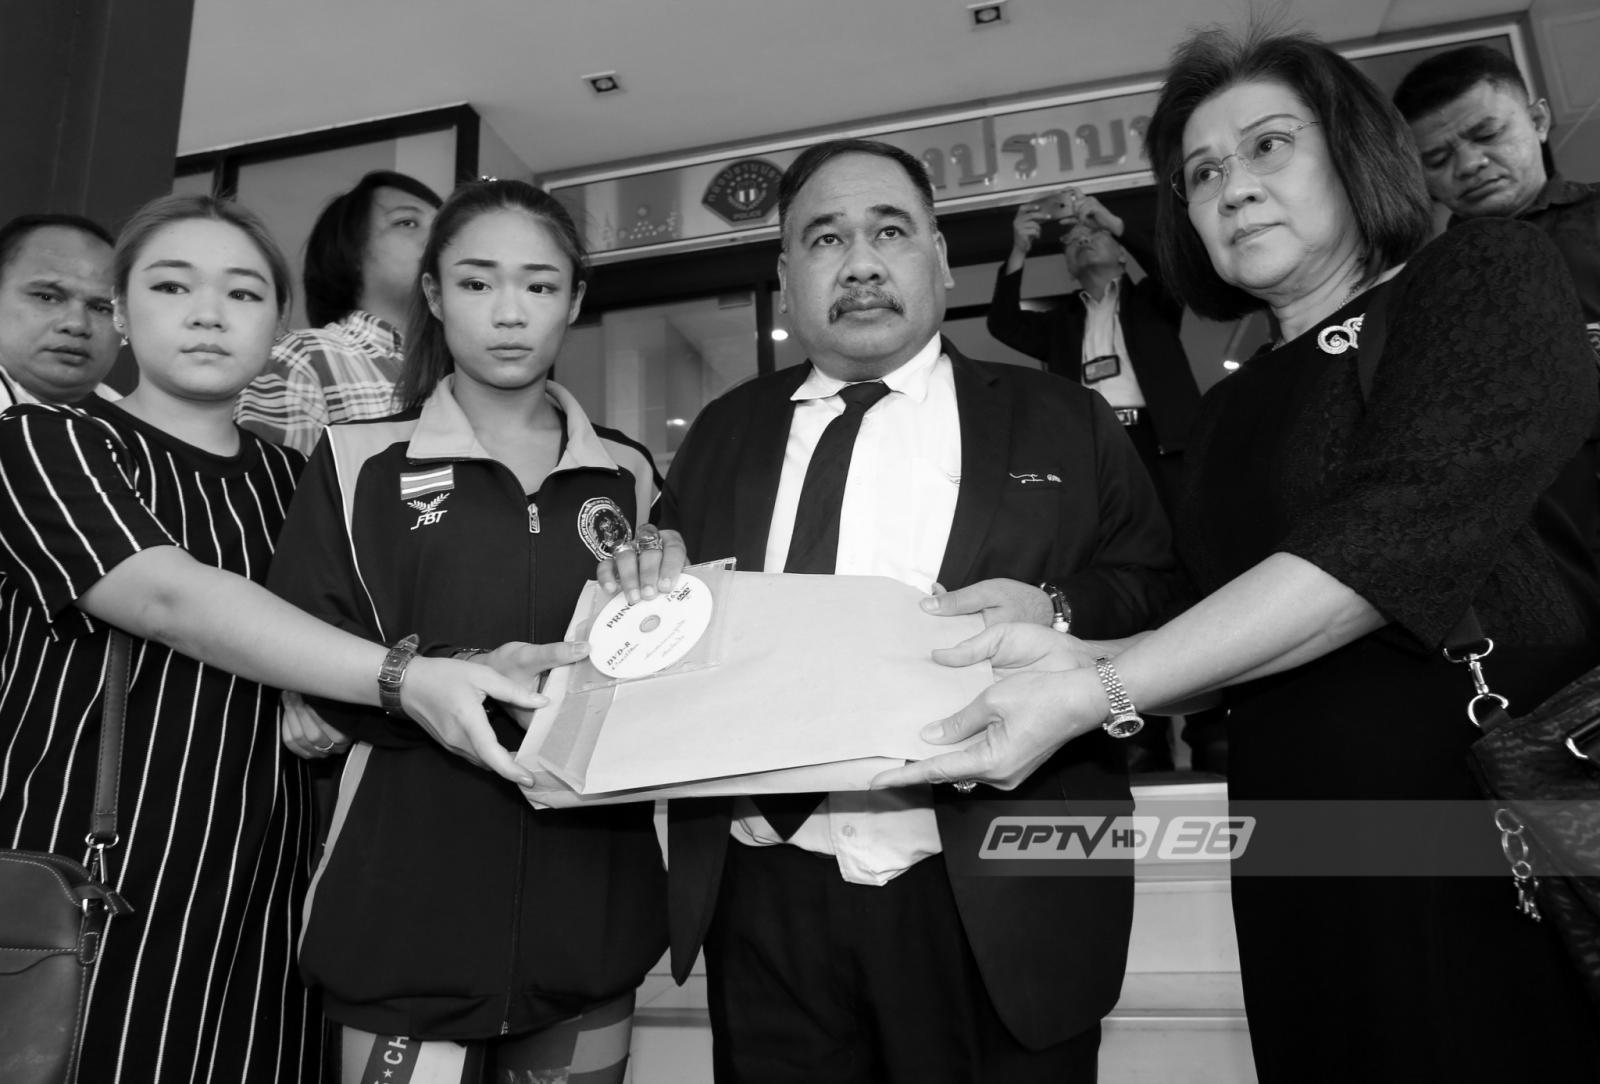 ครอบครัวนักกีฬาเพาะกายทีมชาติไทย ร้องตร.ถูกจนท.รัฐเรียกรับเงิน